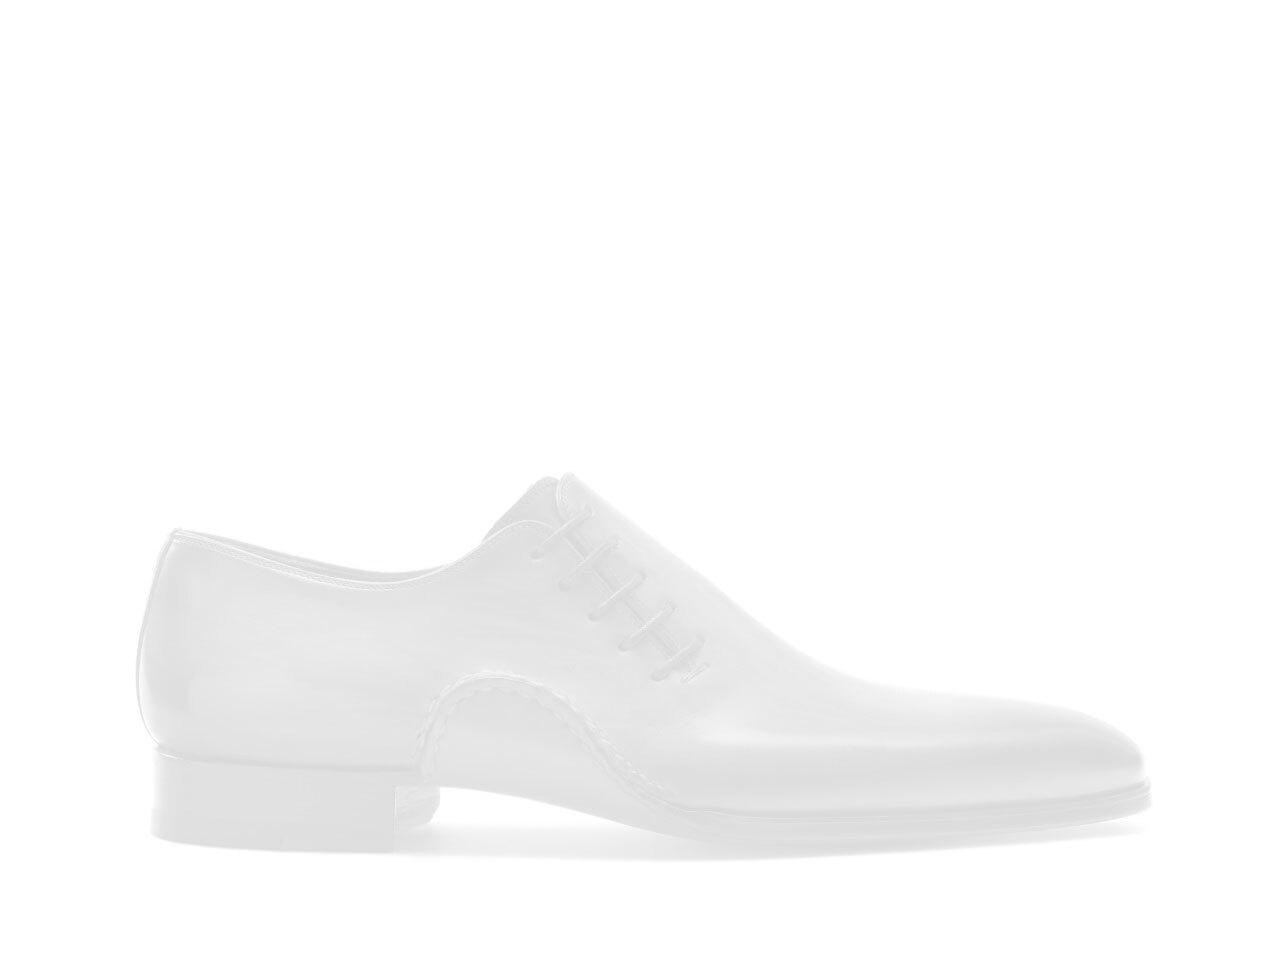 Pair of the Magnanni Lucero Cognac Men's Single Monk Strap Shoes